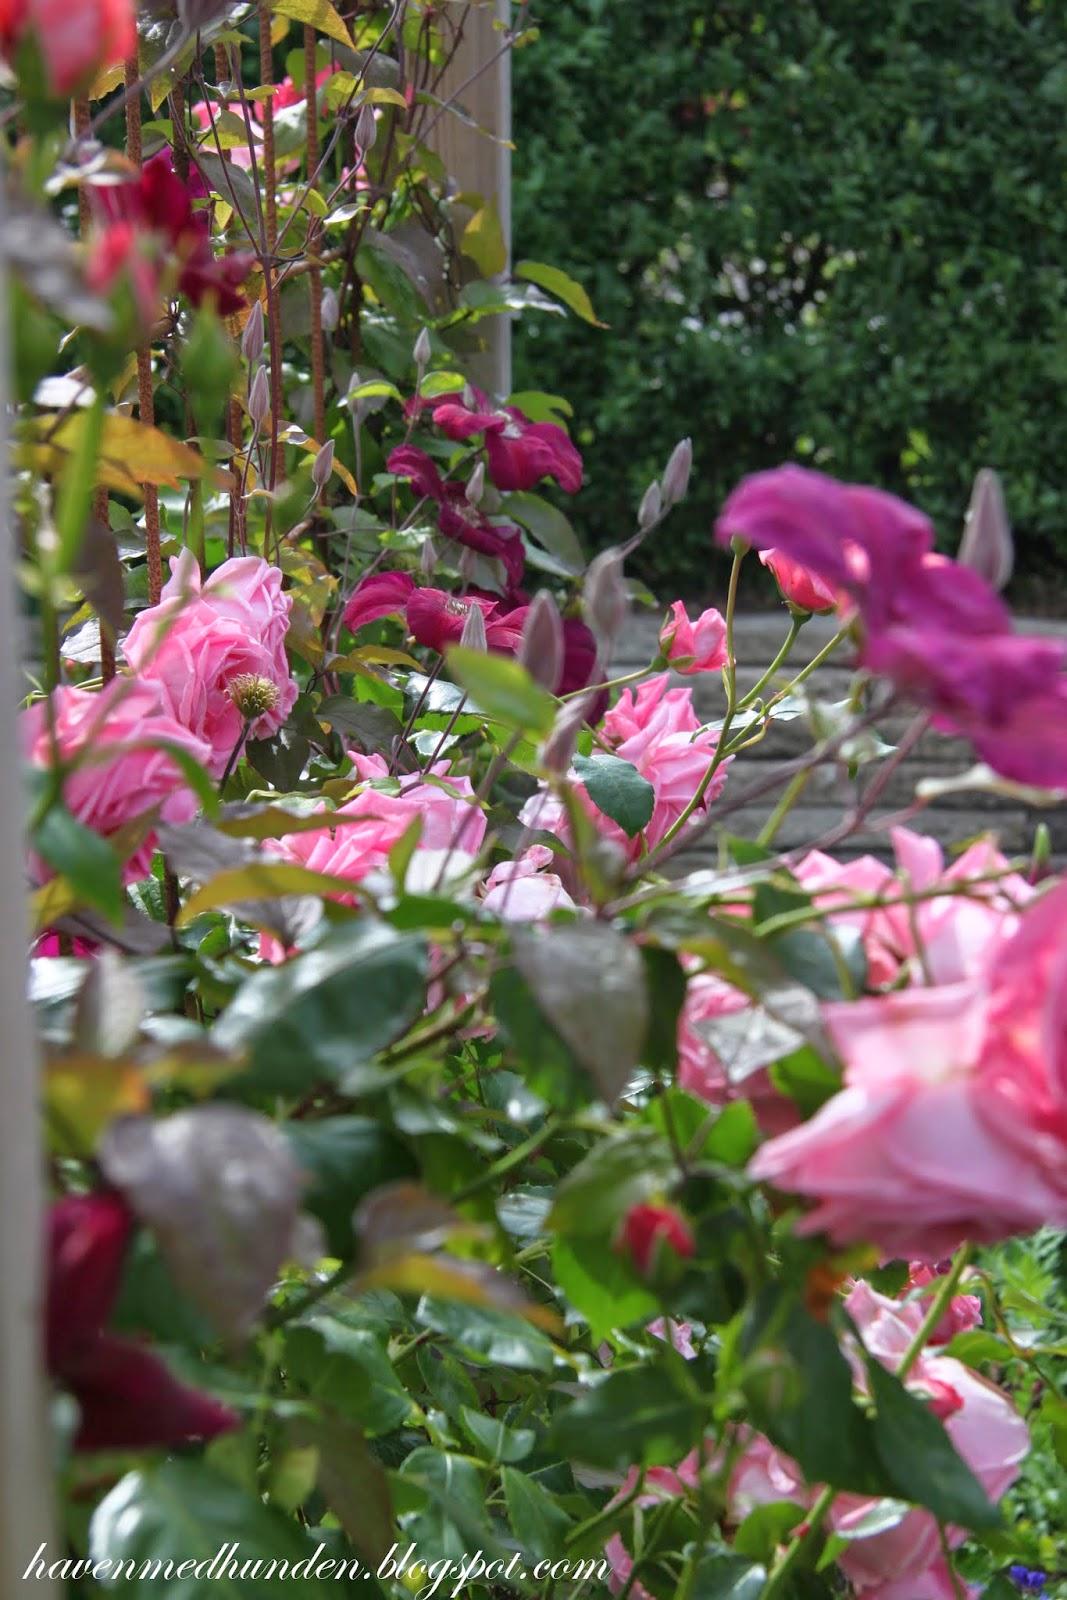 Haven med hunden: et hegn af roser